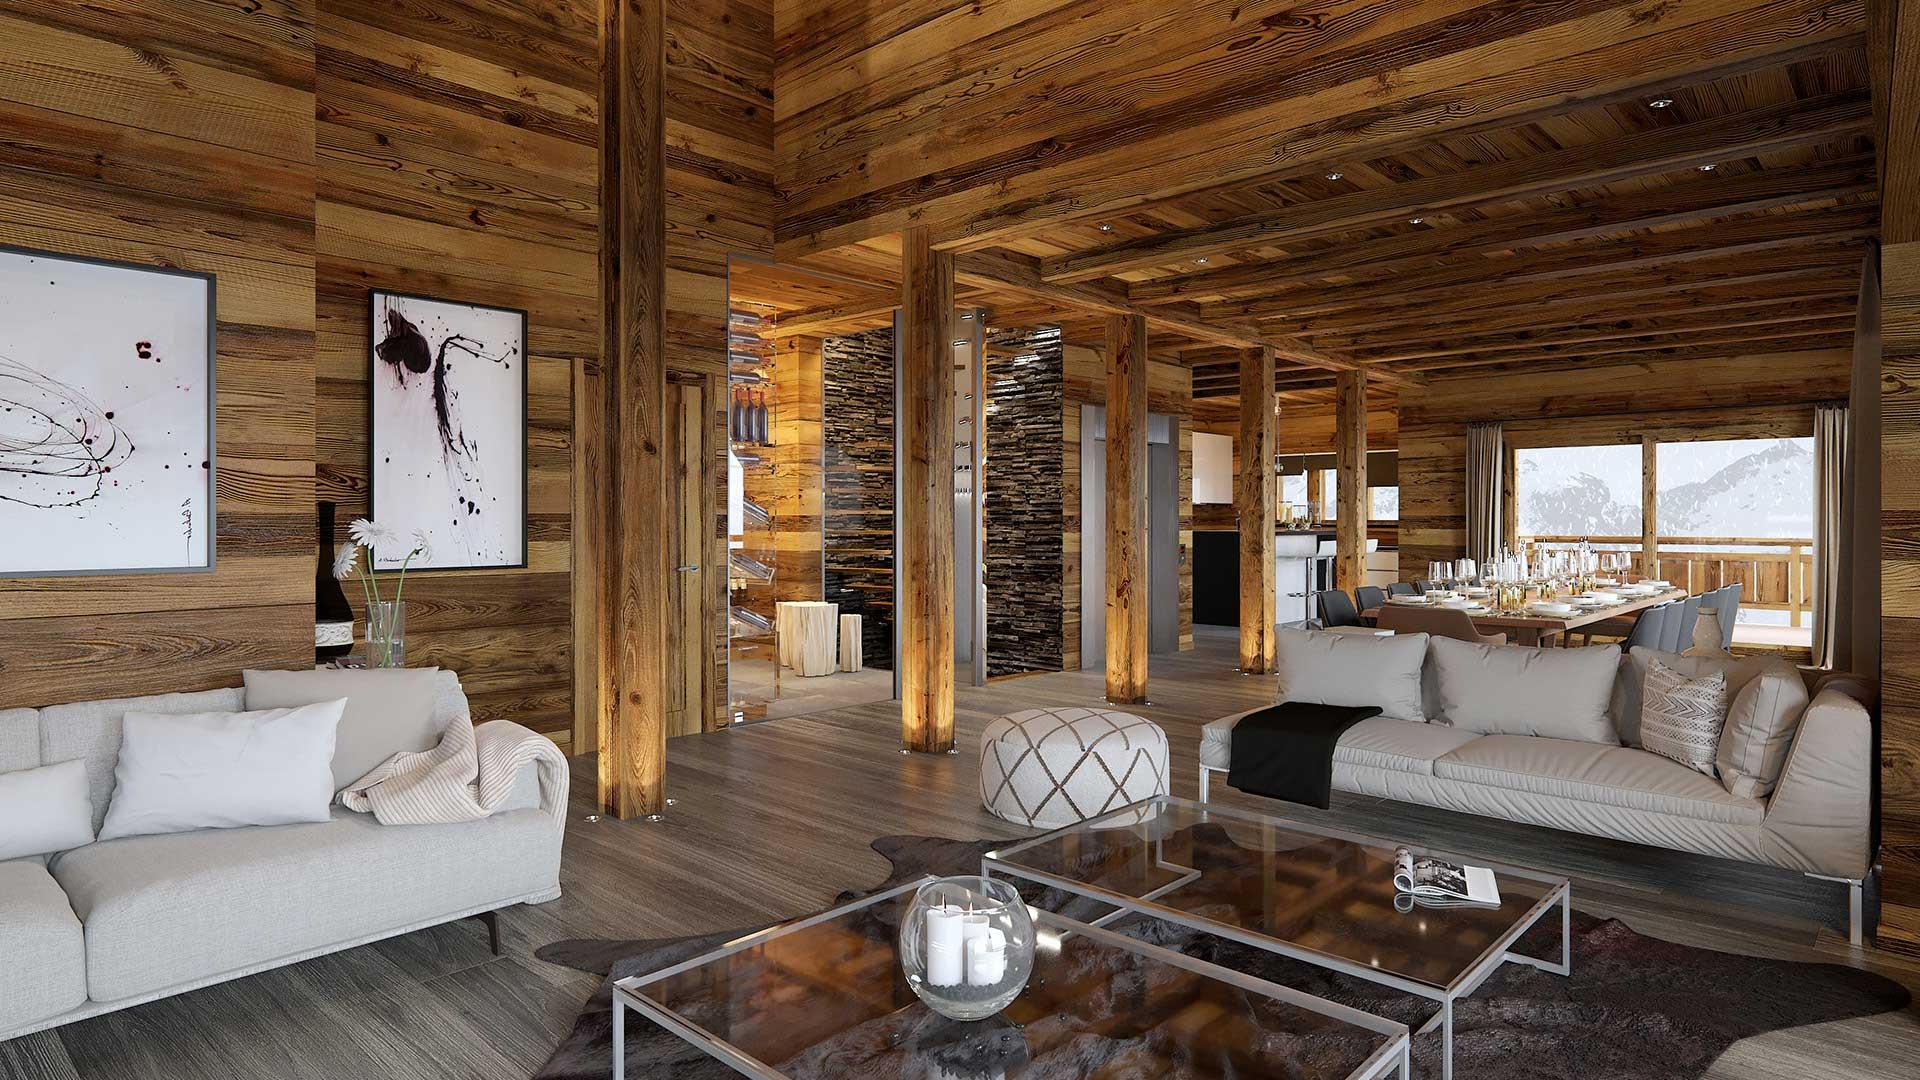 Plan immobilier 3D d'un salon de chalet à Megève.